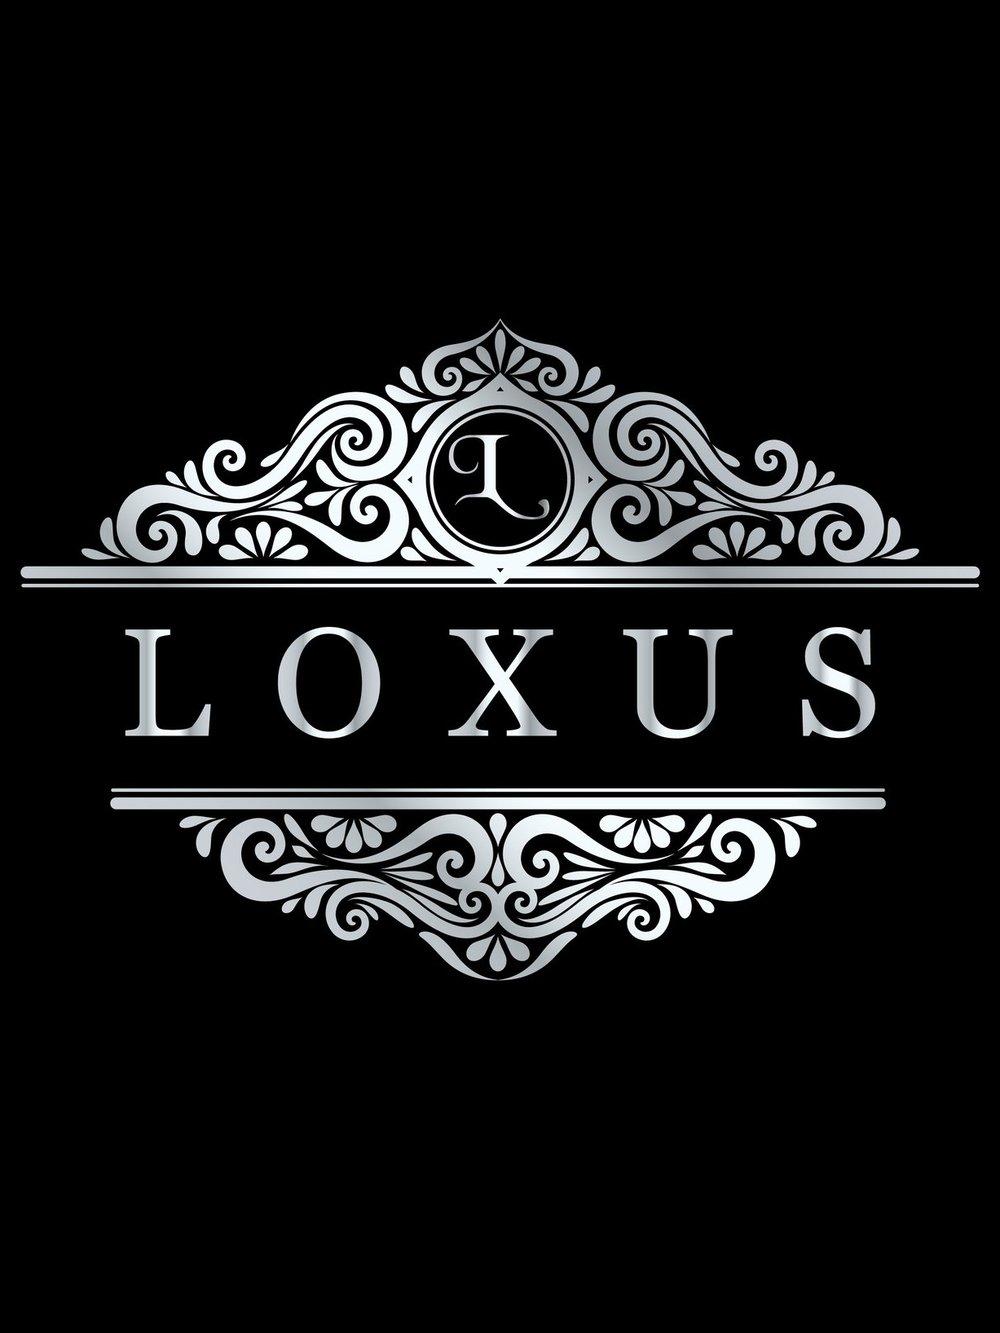 Loxus-01e.jpg